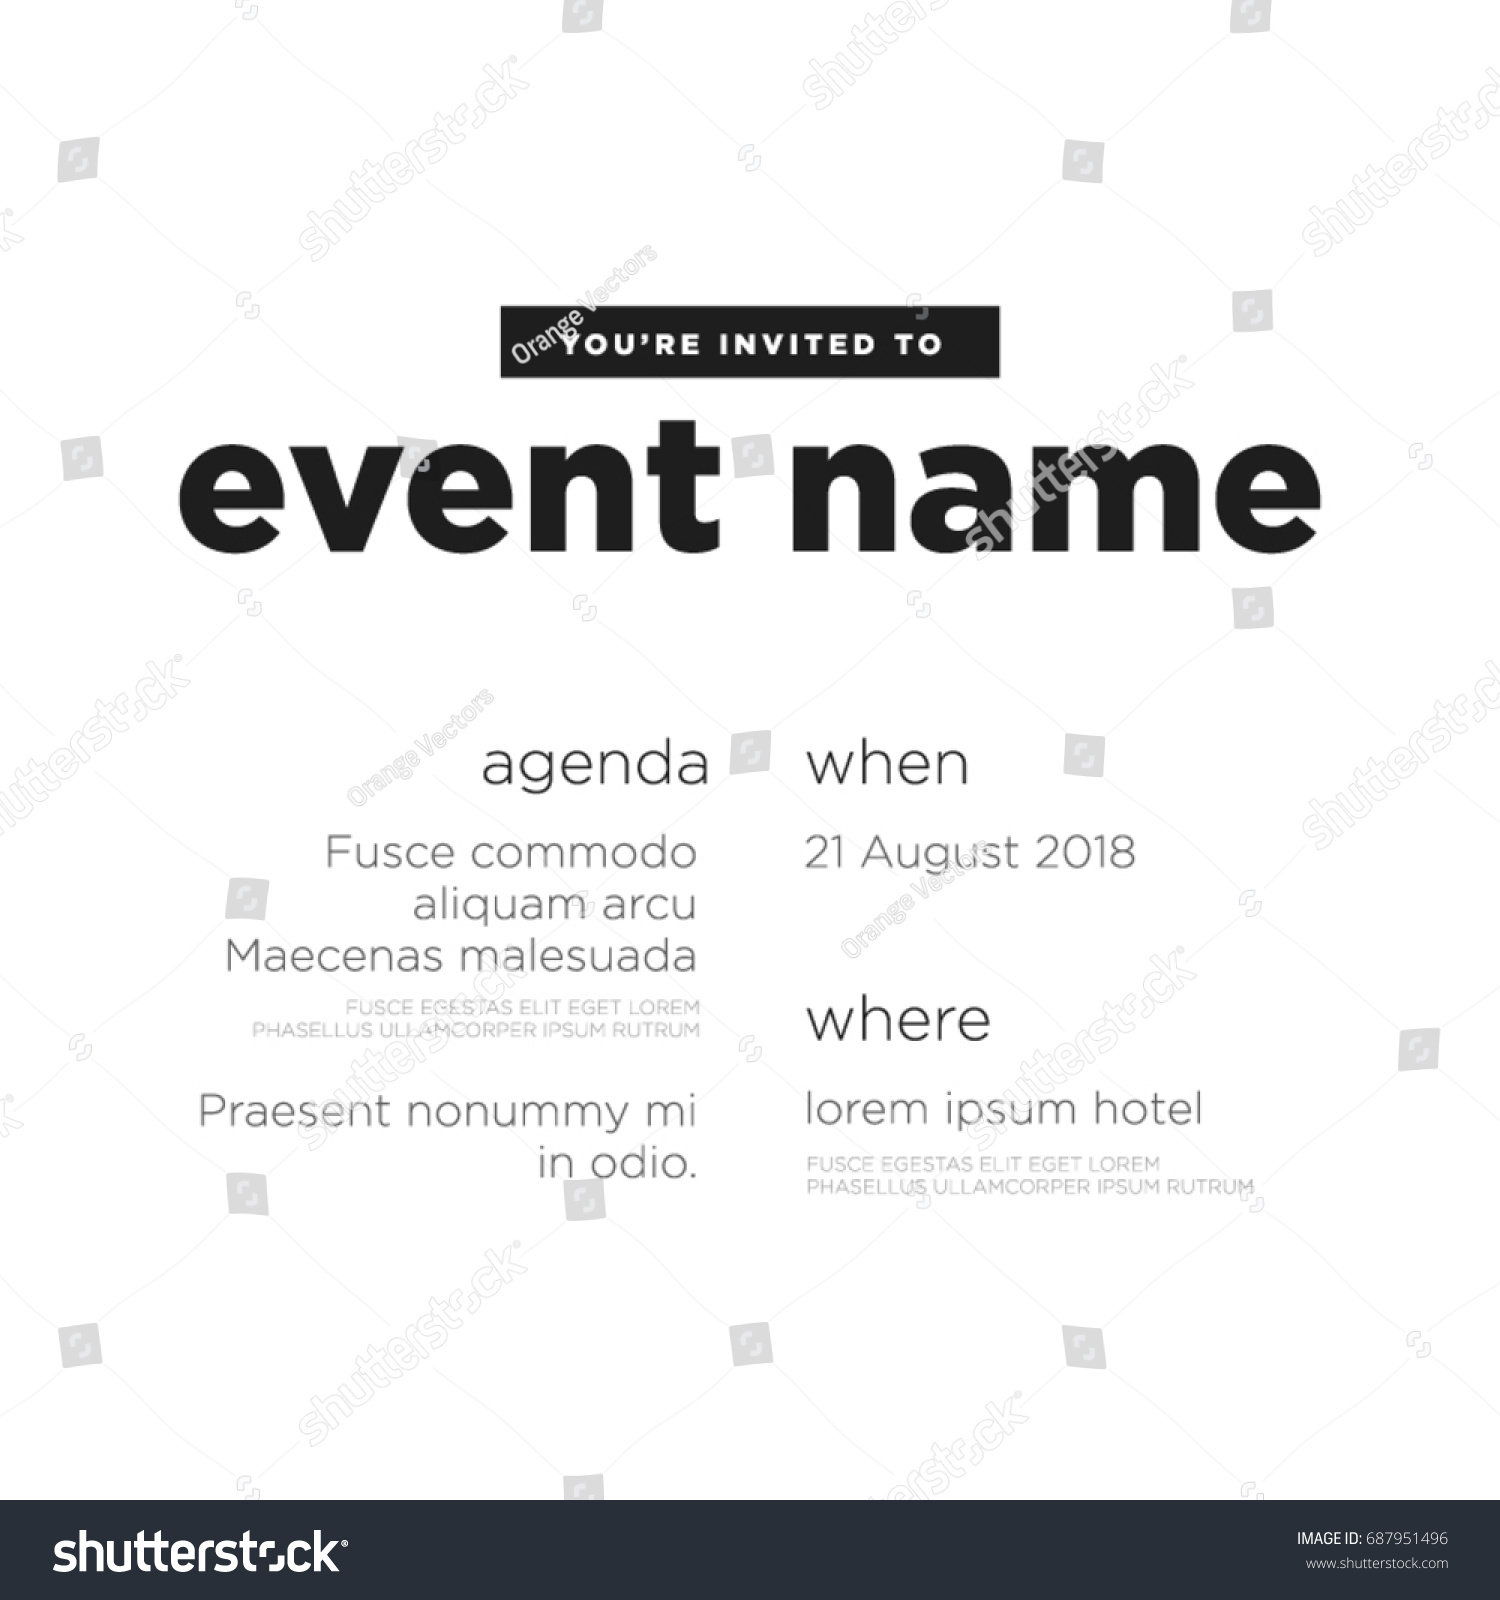 Event Invitation Template Agenda Venue Date Vector 687951496 – Event Invitation Template